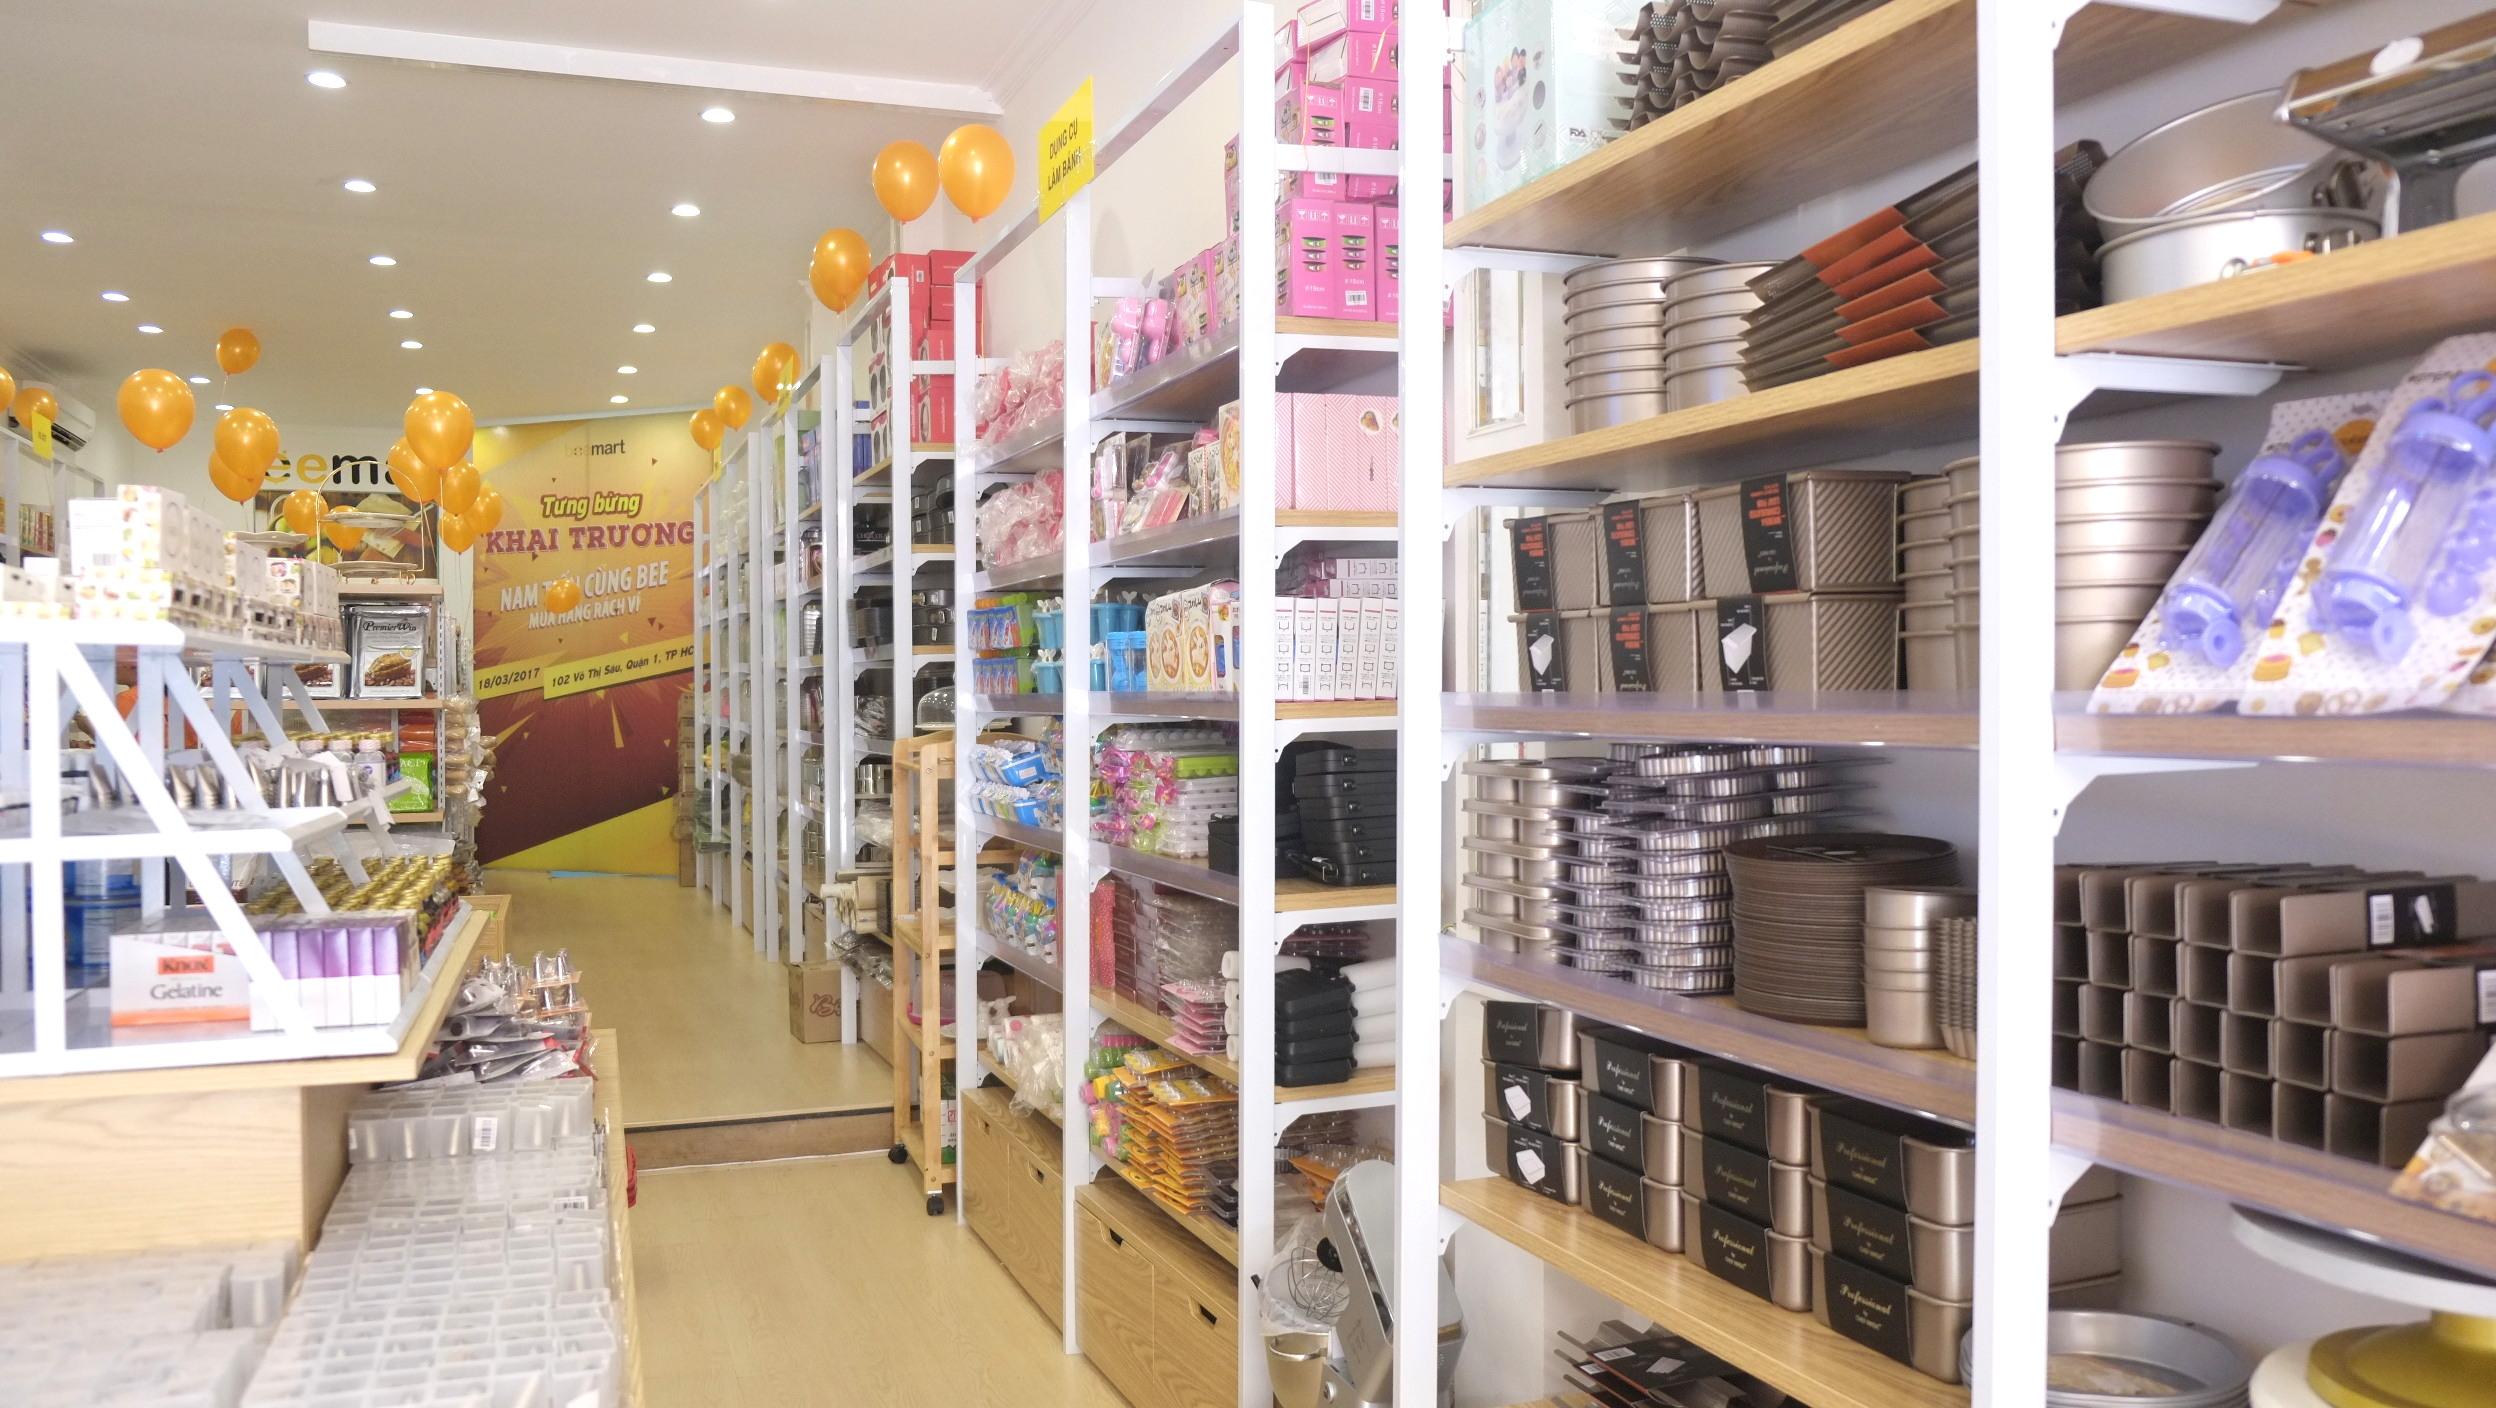 siêu thị đồ làm bánh tại tp. hcm  Beemart ra mắt cửa hàng thứ 4, chính thức Nam tiến sau 2 năm thành lập anh 23